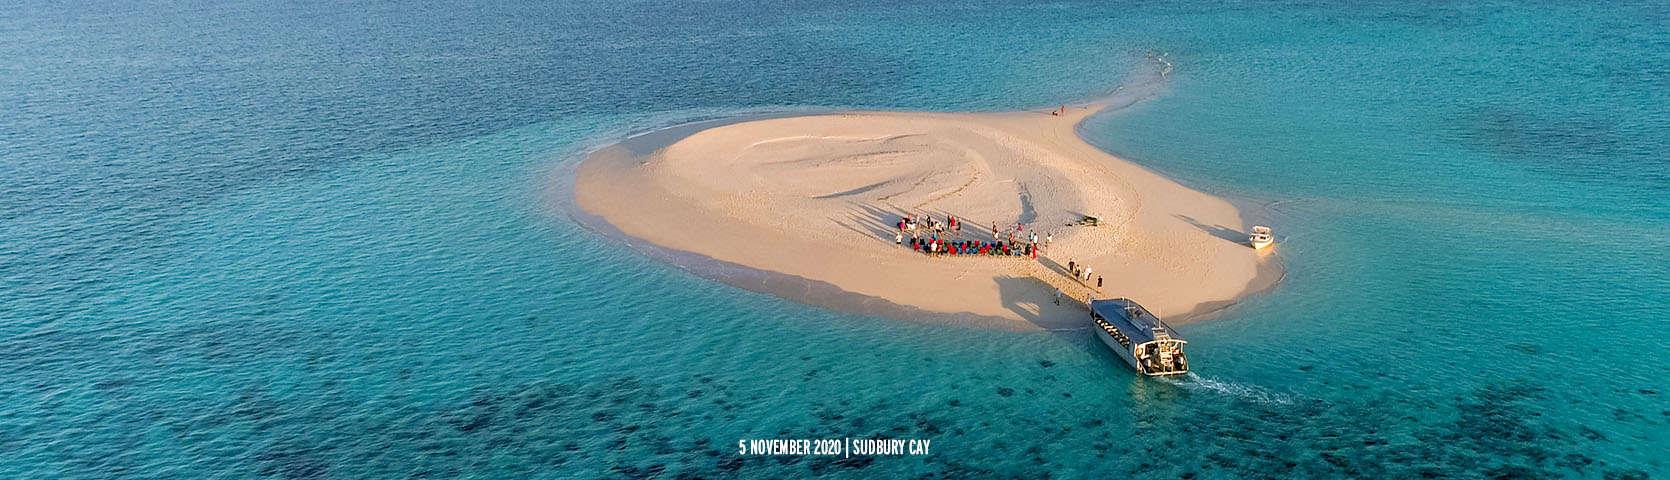 Sudbury Cay 051120 Marcus Haigh